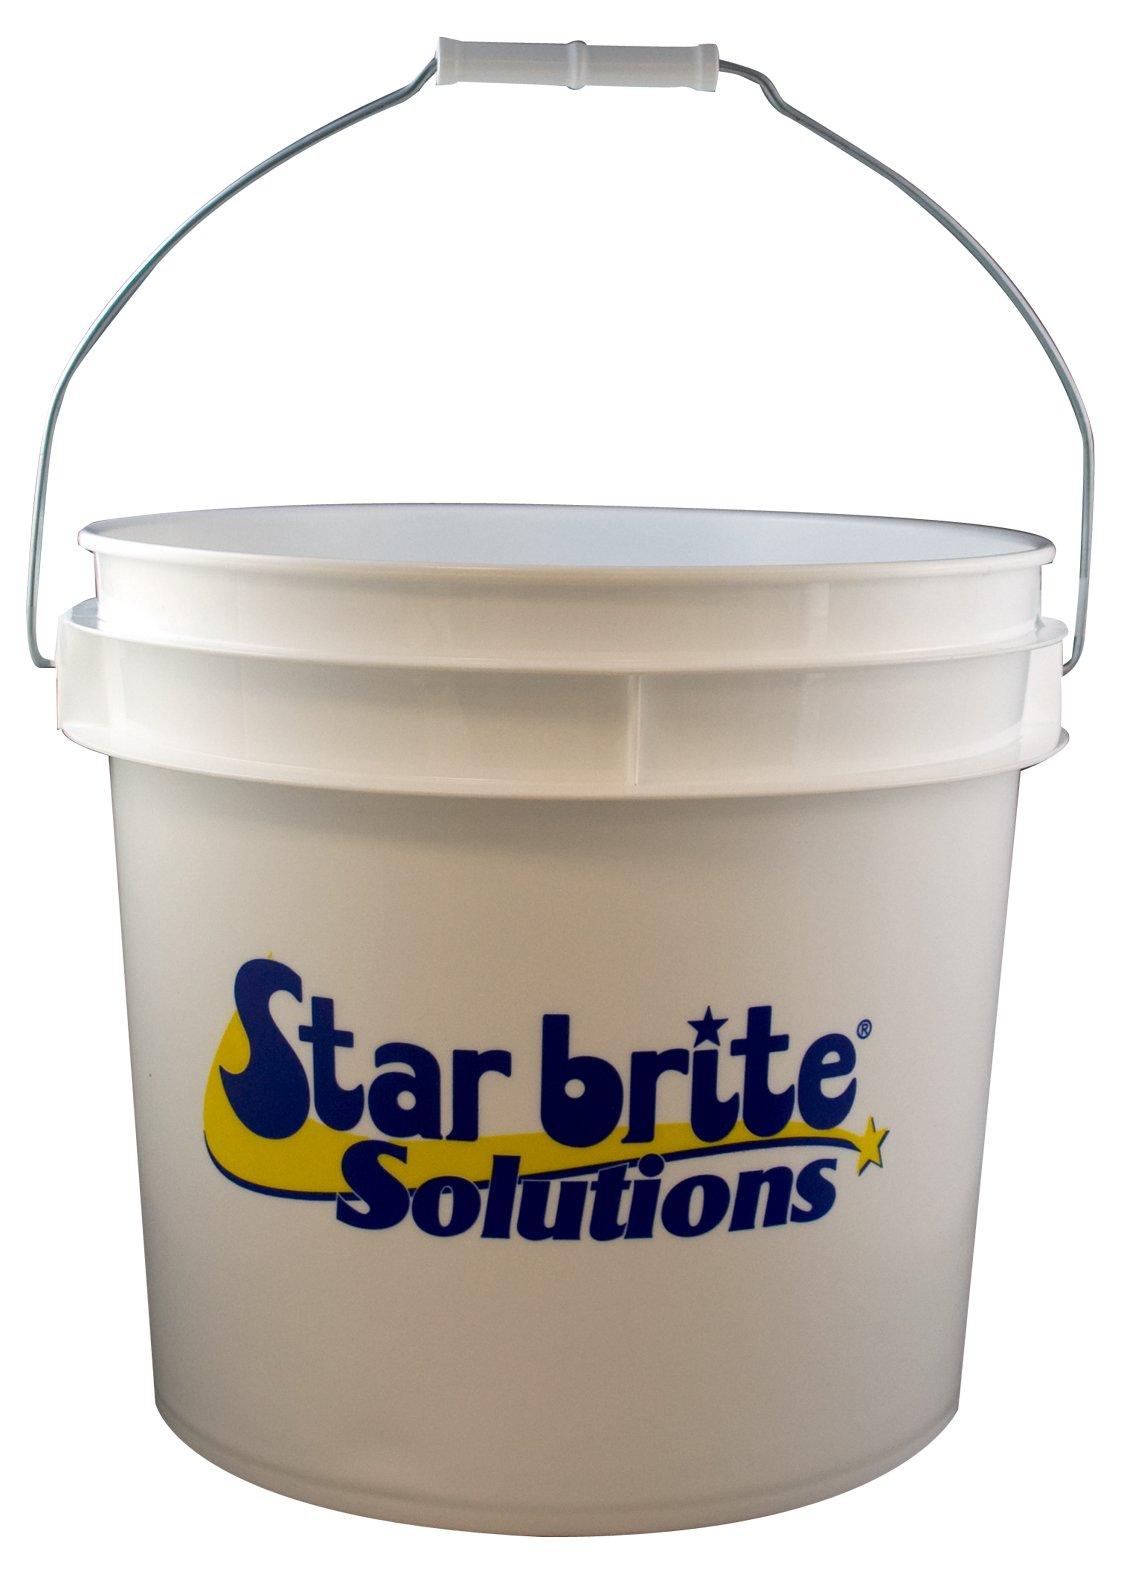 Star brite All Purpose Boat Bucket (3. 5 Gallon Capacity)